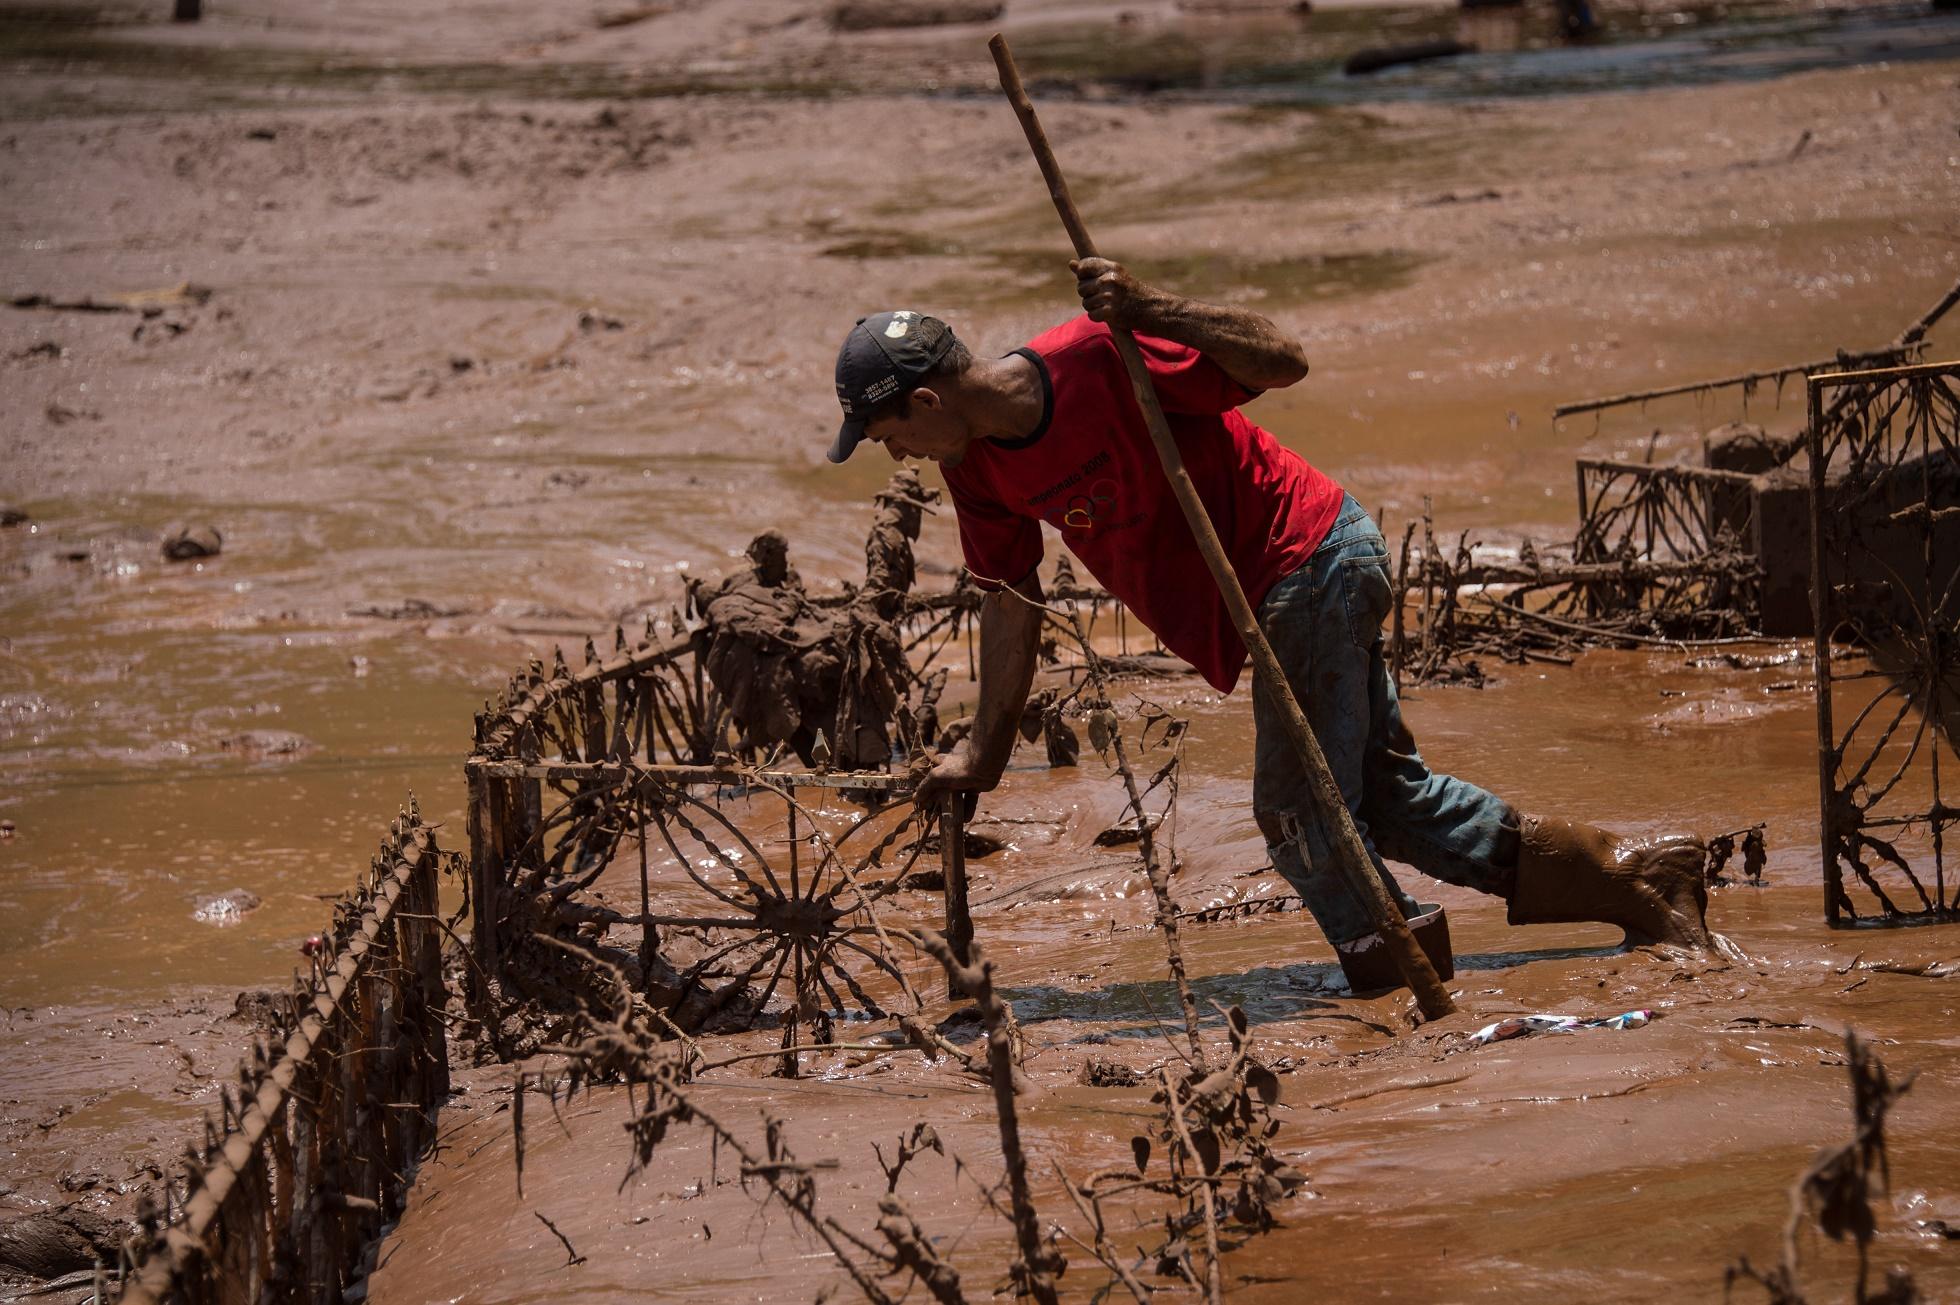 Os conflitos ligados à questão da água cresceram mais de 100% no ano passado, em grande parte por conta da tragédia no Vale do Rio Doce, em Mariana